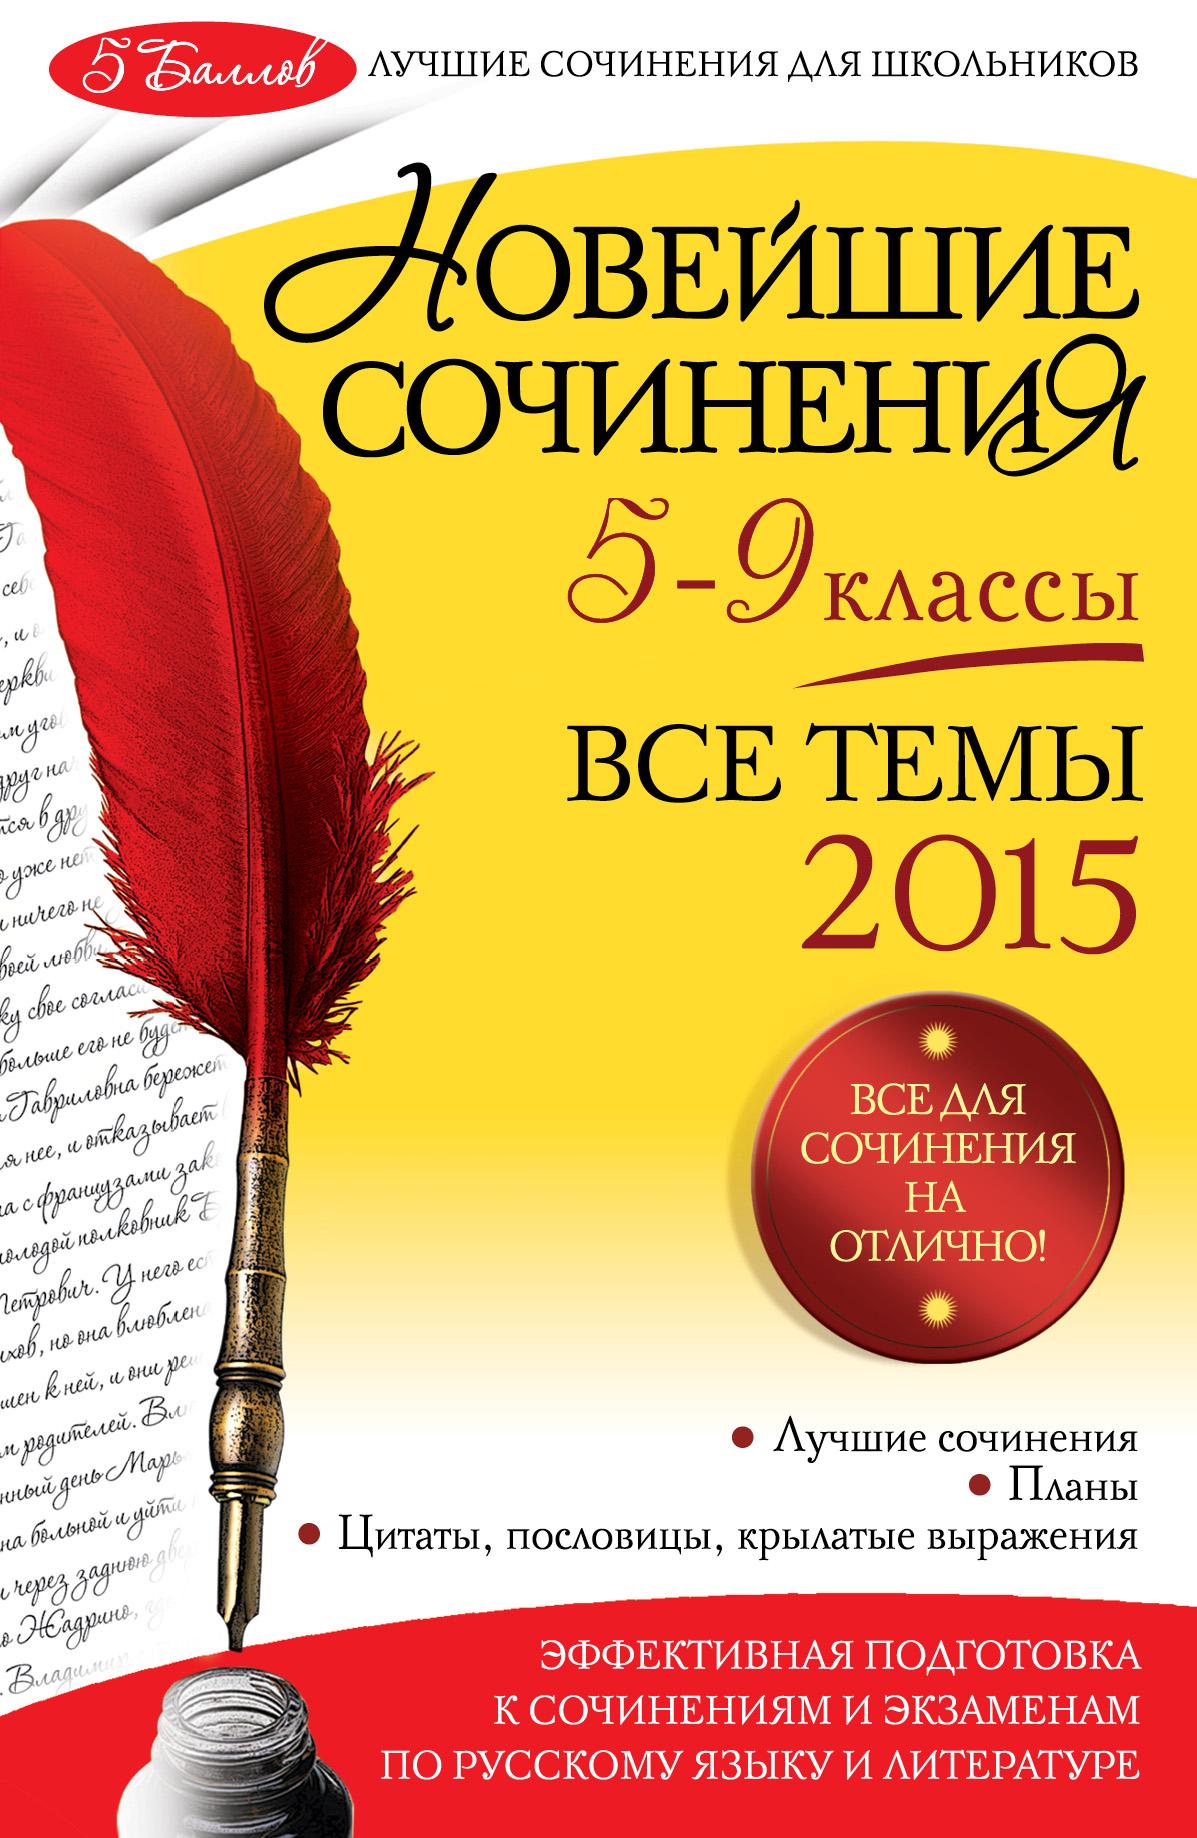 Новейшие сочинения. 5-9 классы. Все темы 2015